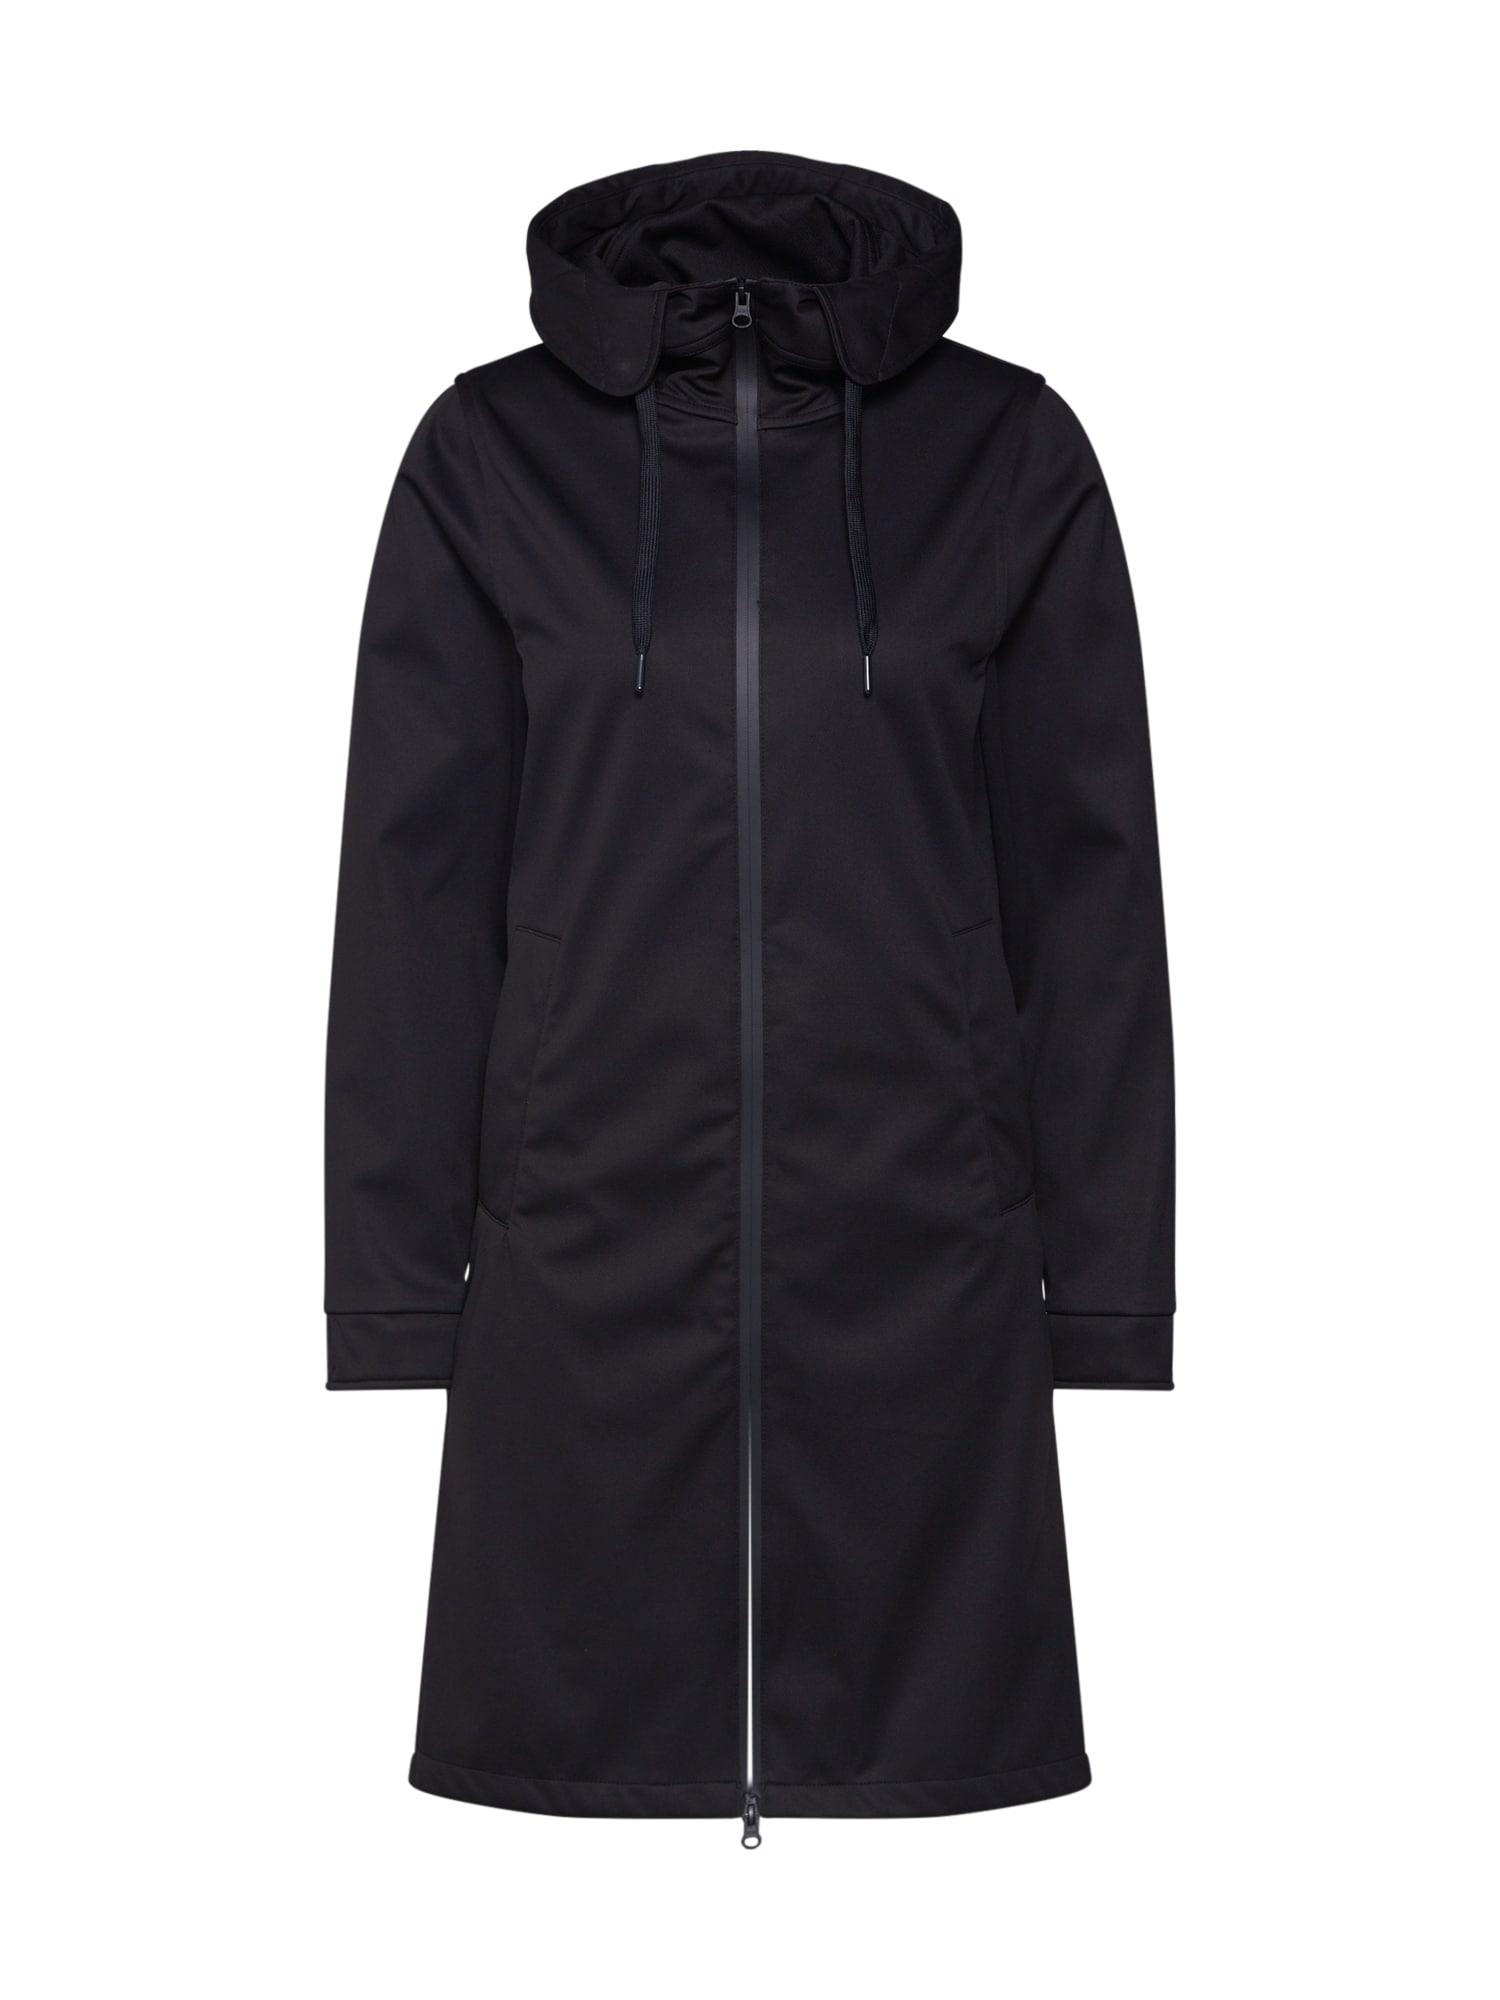 Derbe Rudeninis-žieminis paltas 'Colonsay' juoda